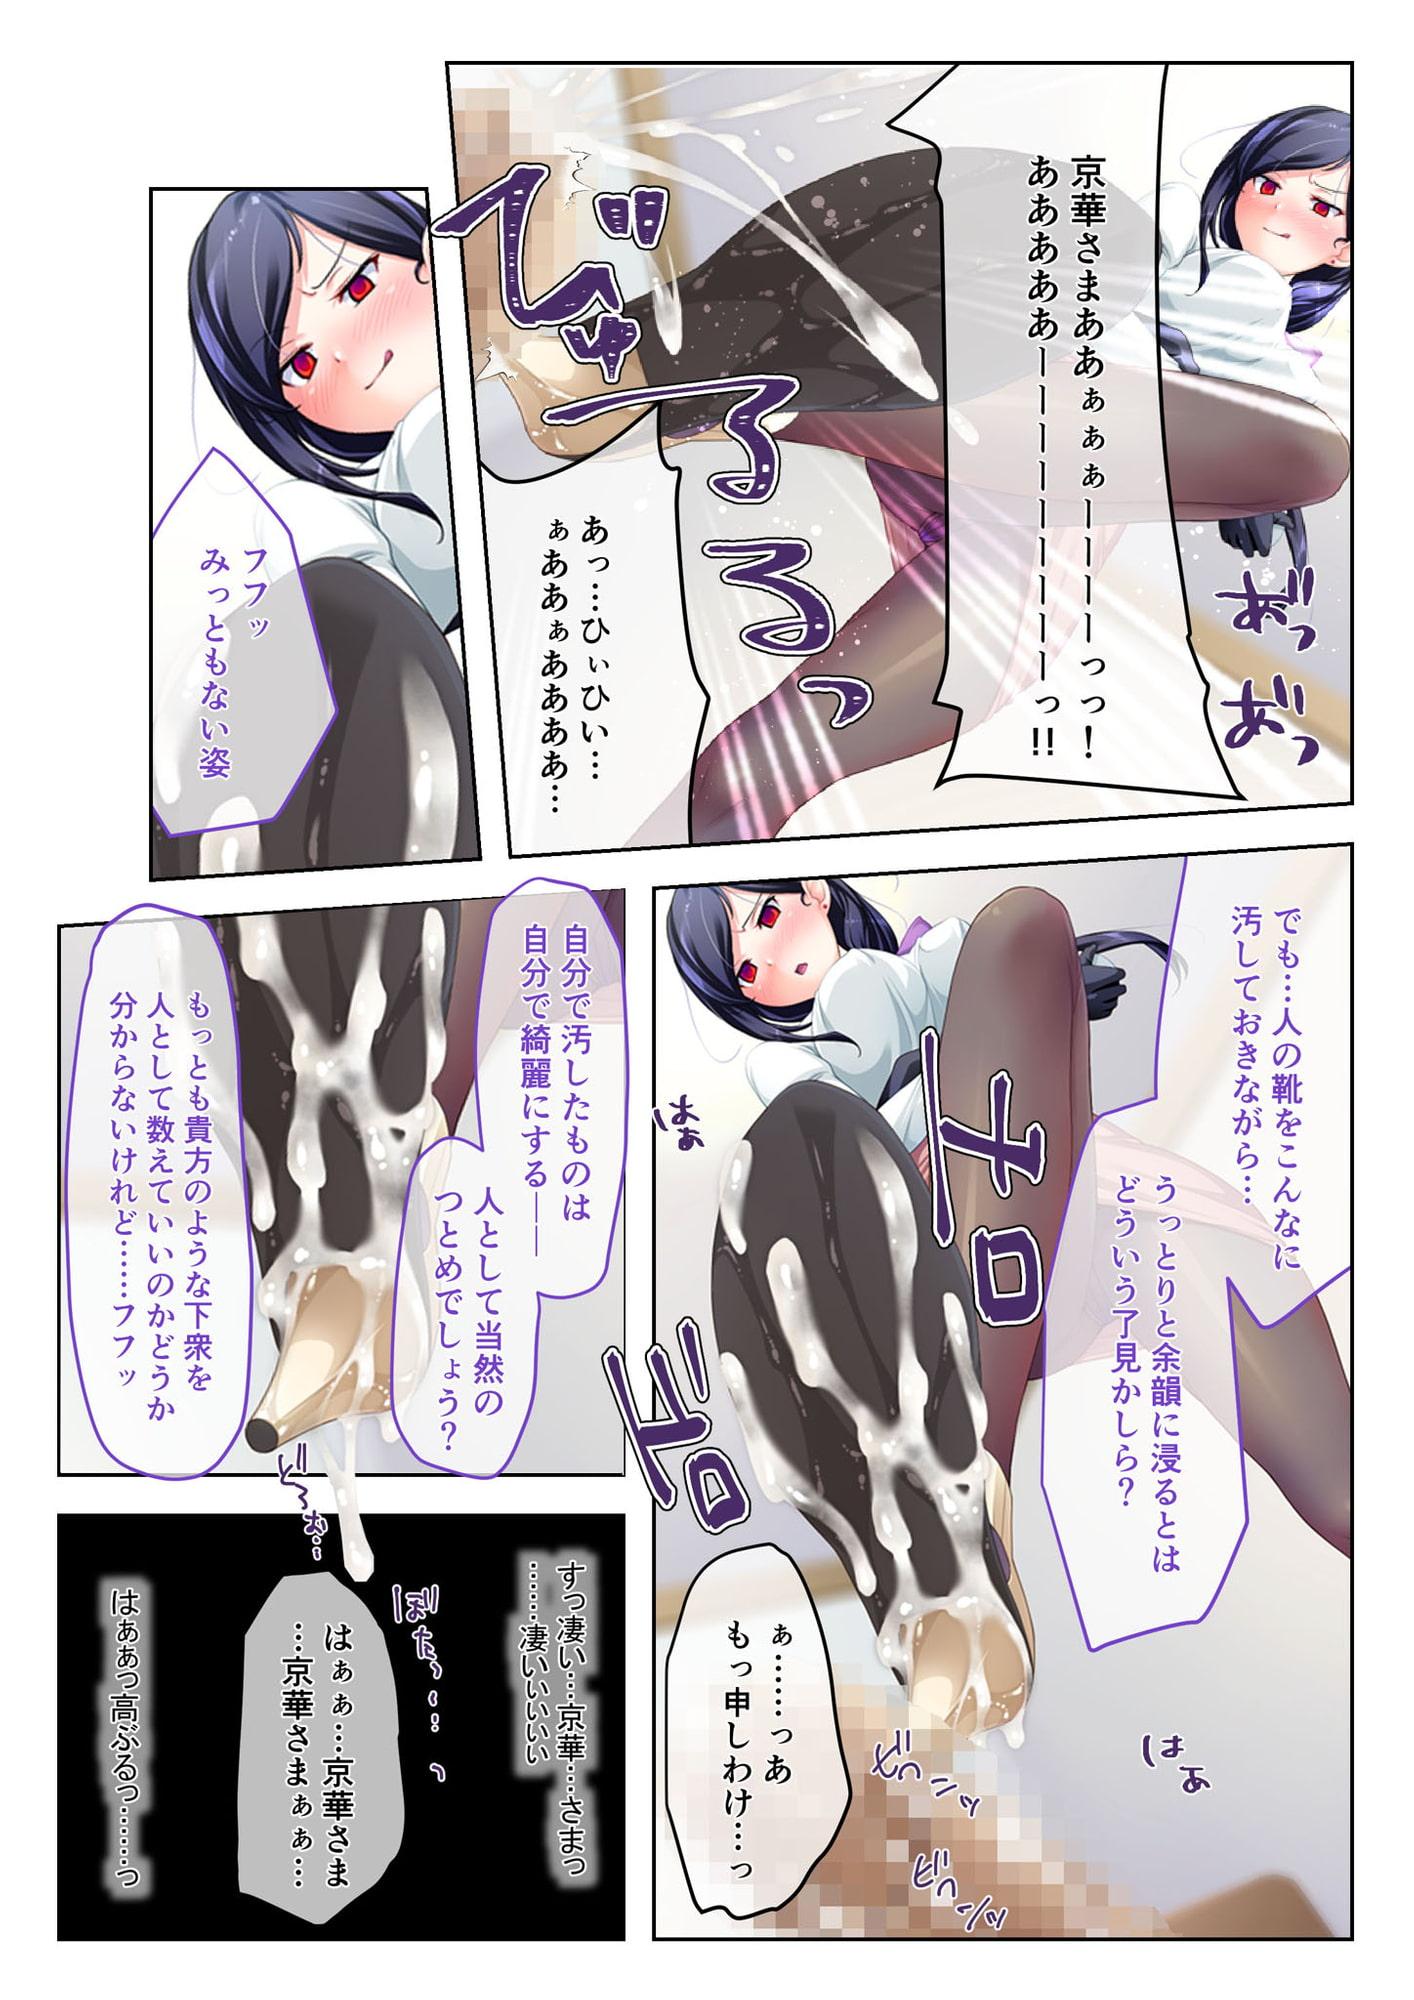 催眠率100%! ~ドSな美女たちと生ハメSEX~ フルカラーコミック版